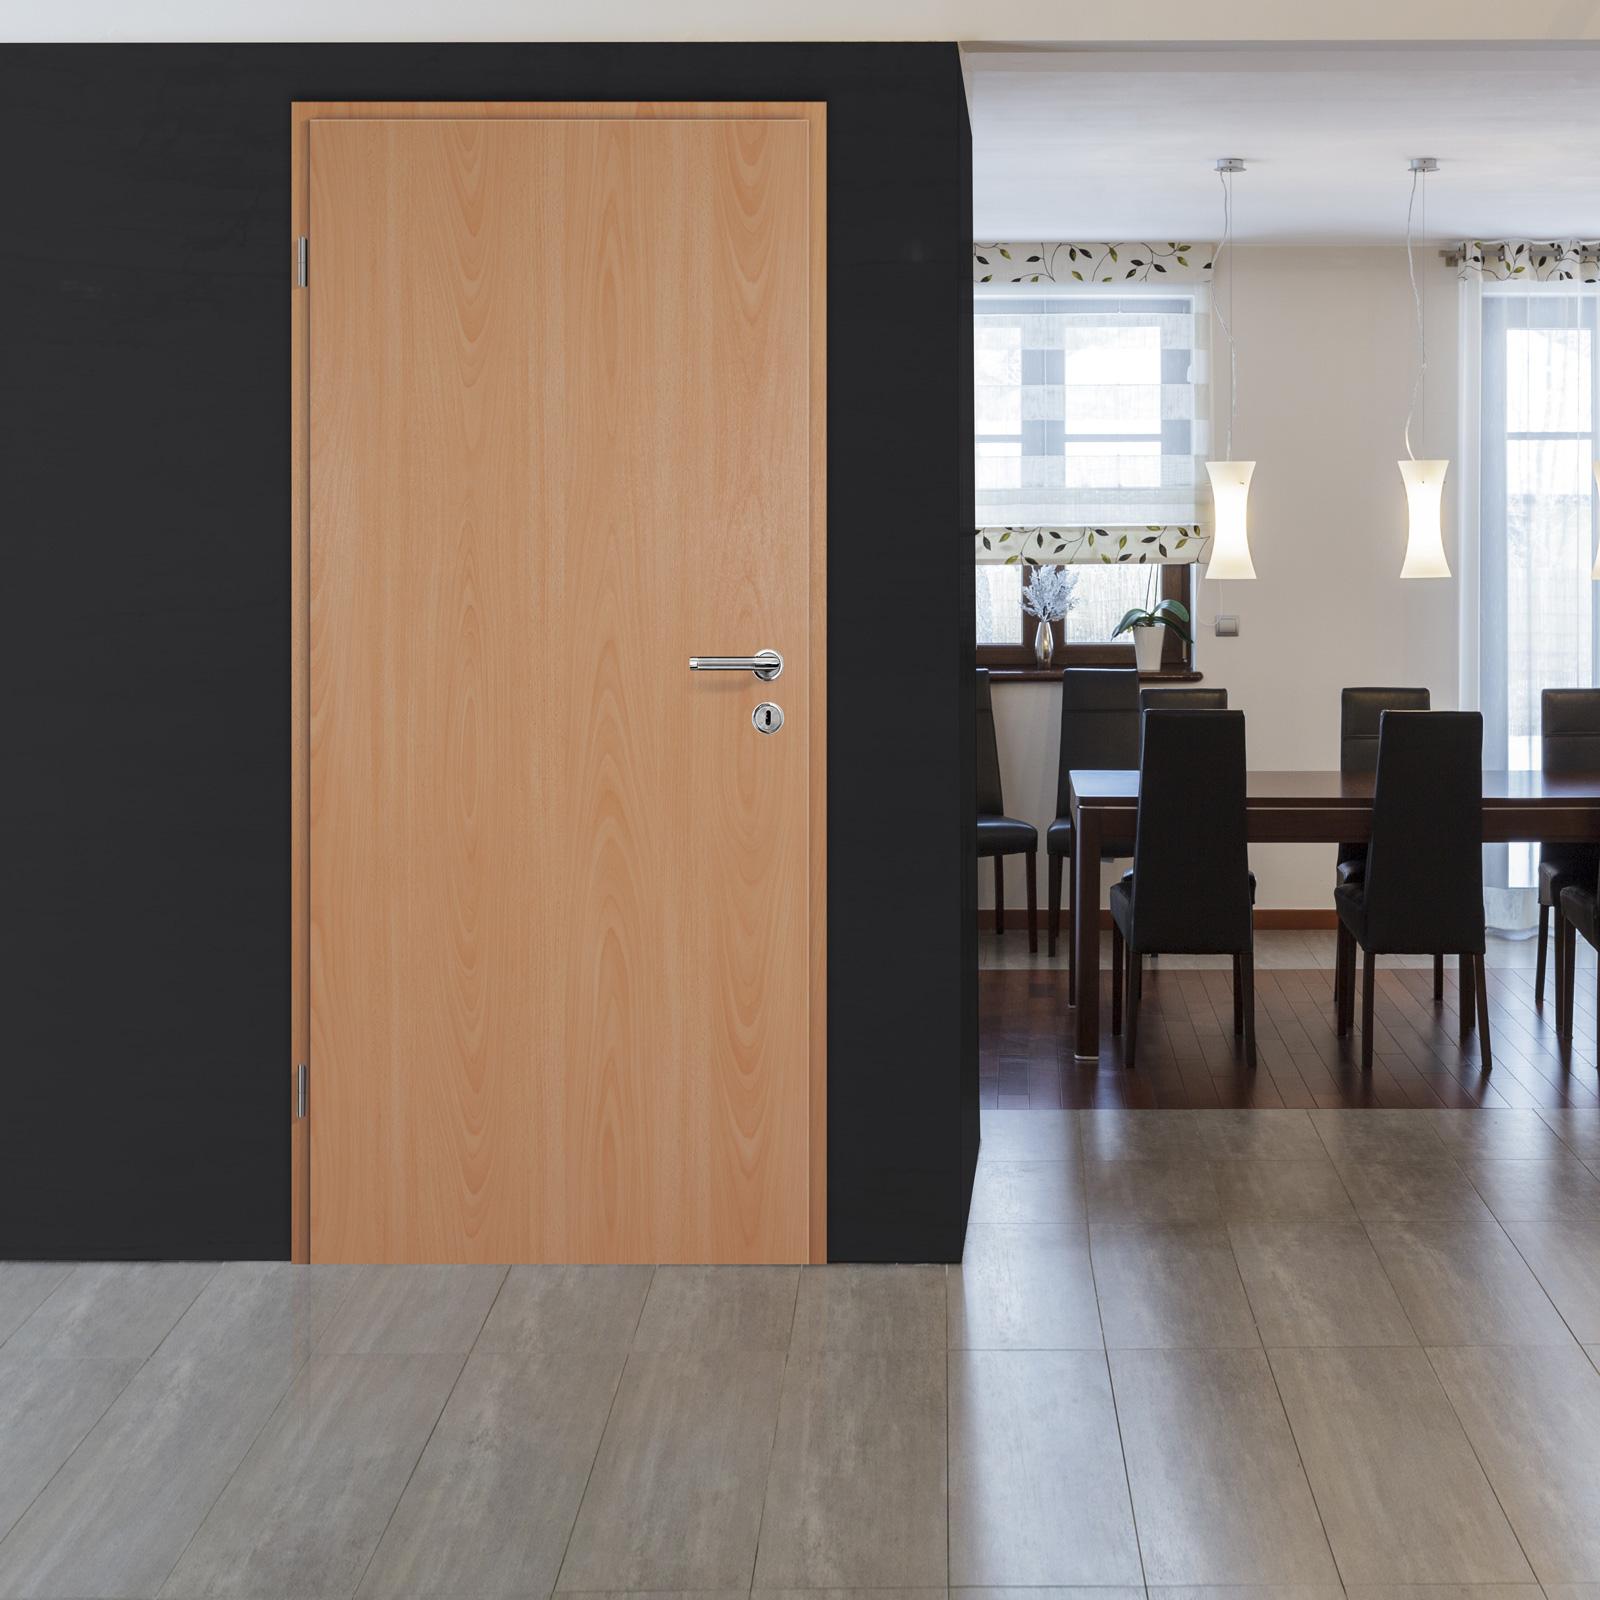 holzt r mit zarge schloss und bandh lsen dekor landbuche. Black Bedroom Furniture Sets. Home Design Ideas